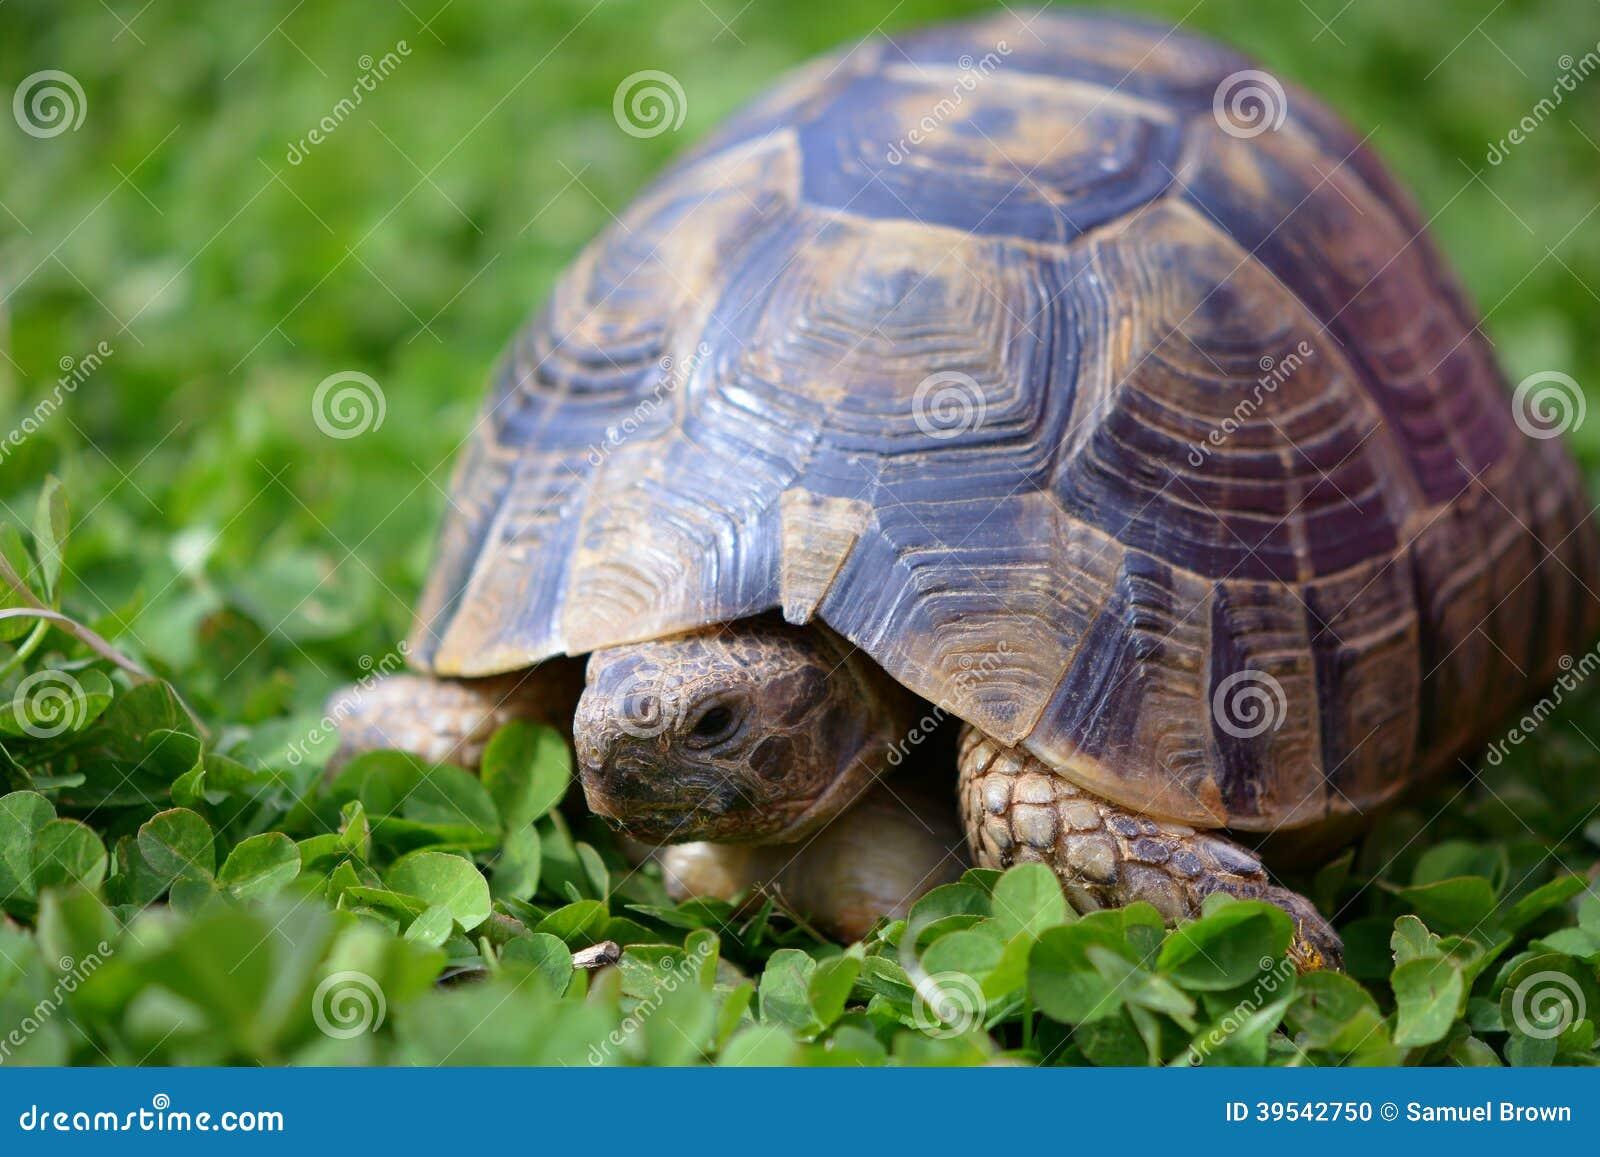 Tartaruga grega no trevo